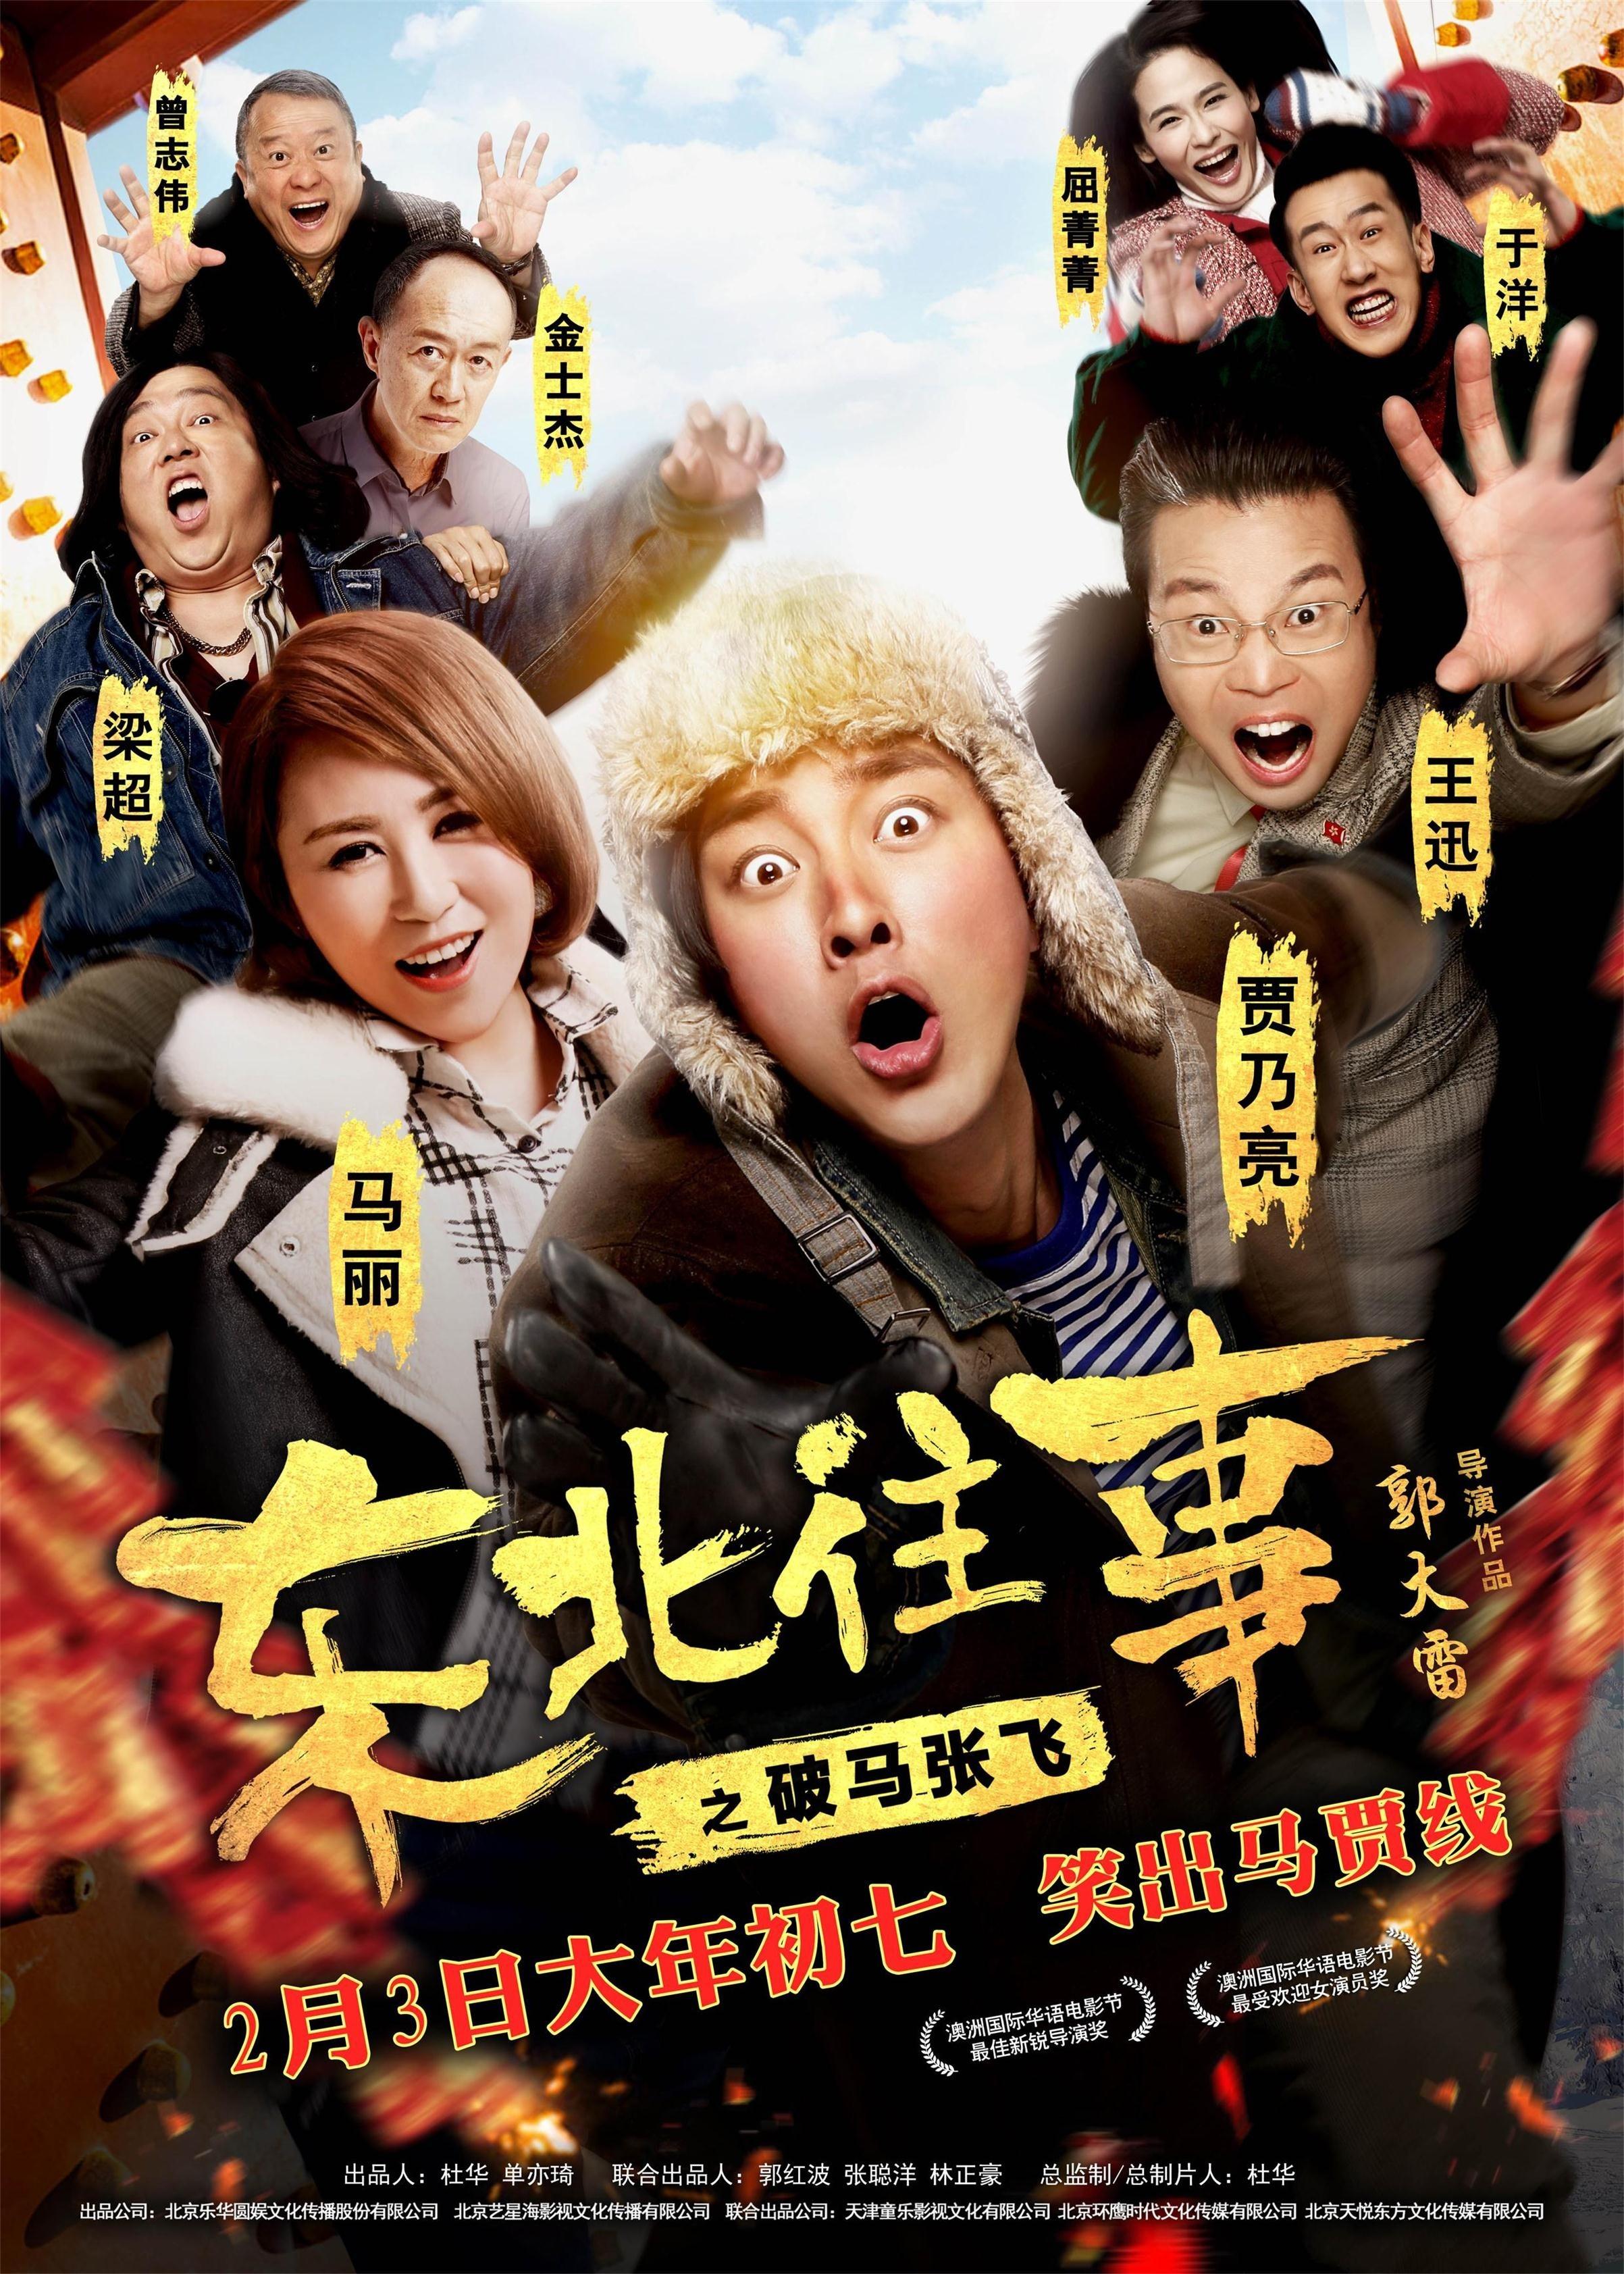 东北当地电影_屈菁菁,九孔,刘慧主演,金士杰,曾志伟特别出演的爆笑喜剧电影《东北